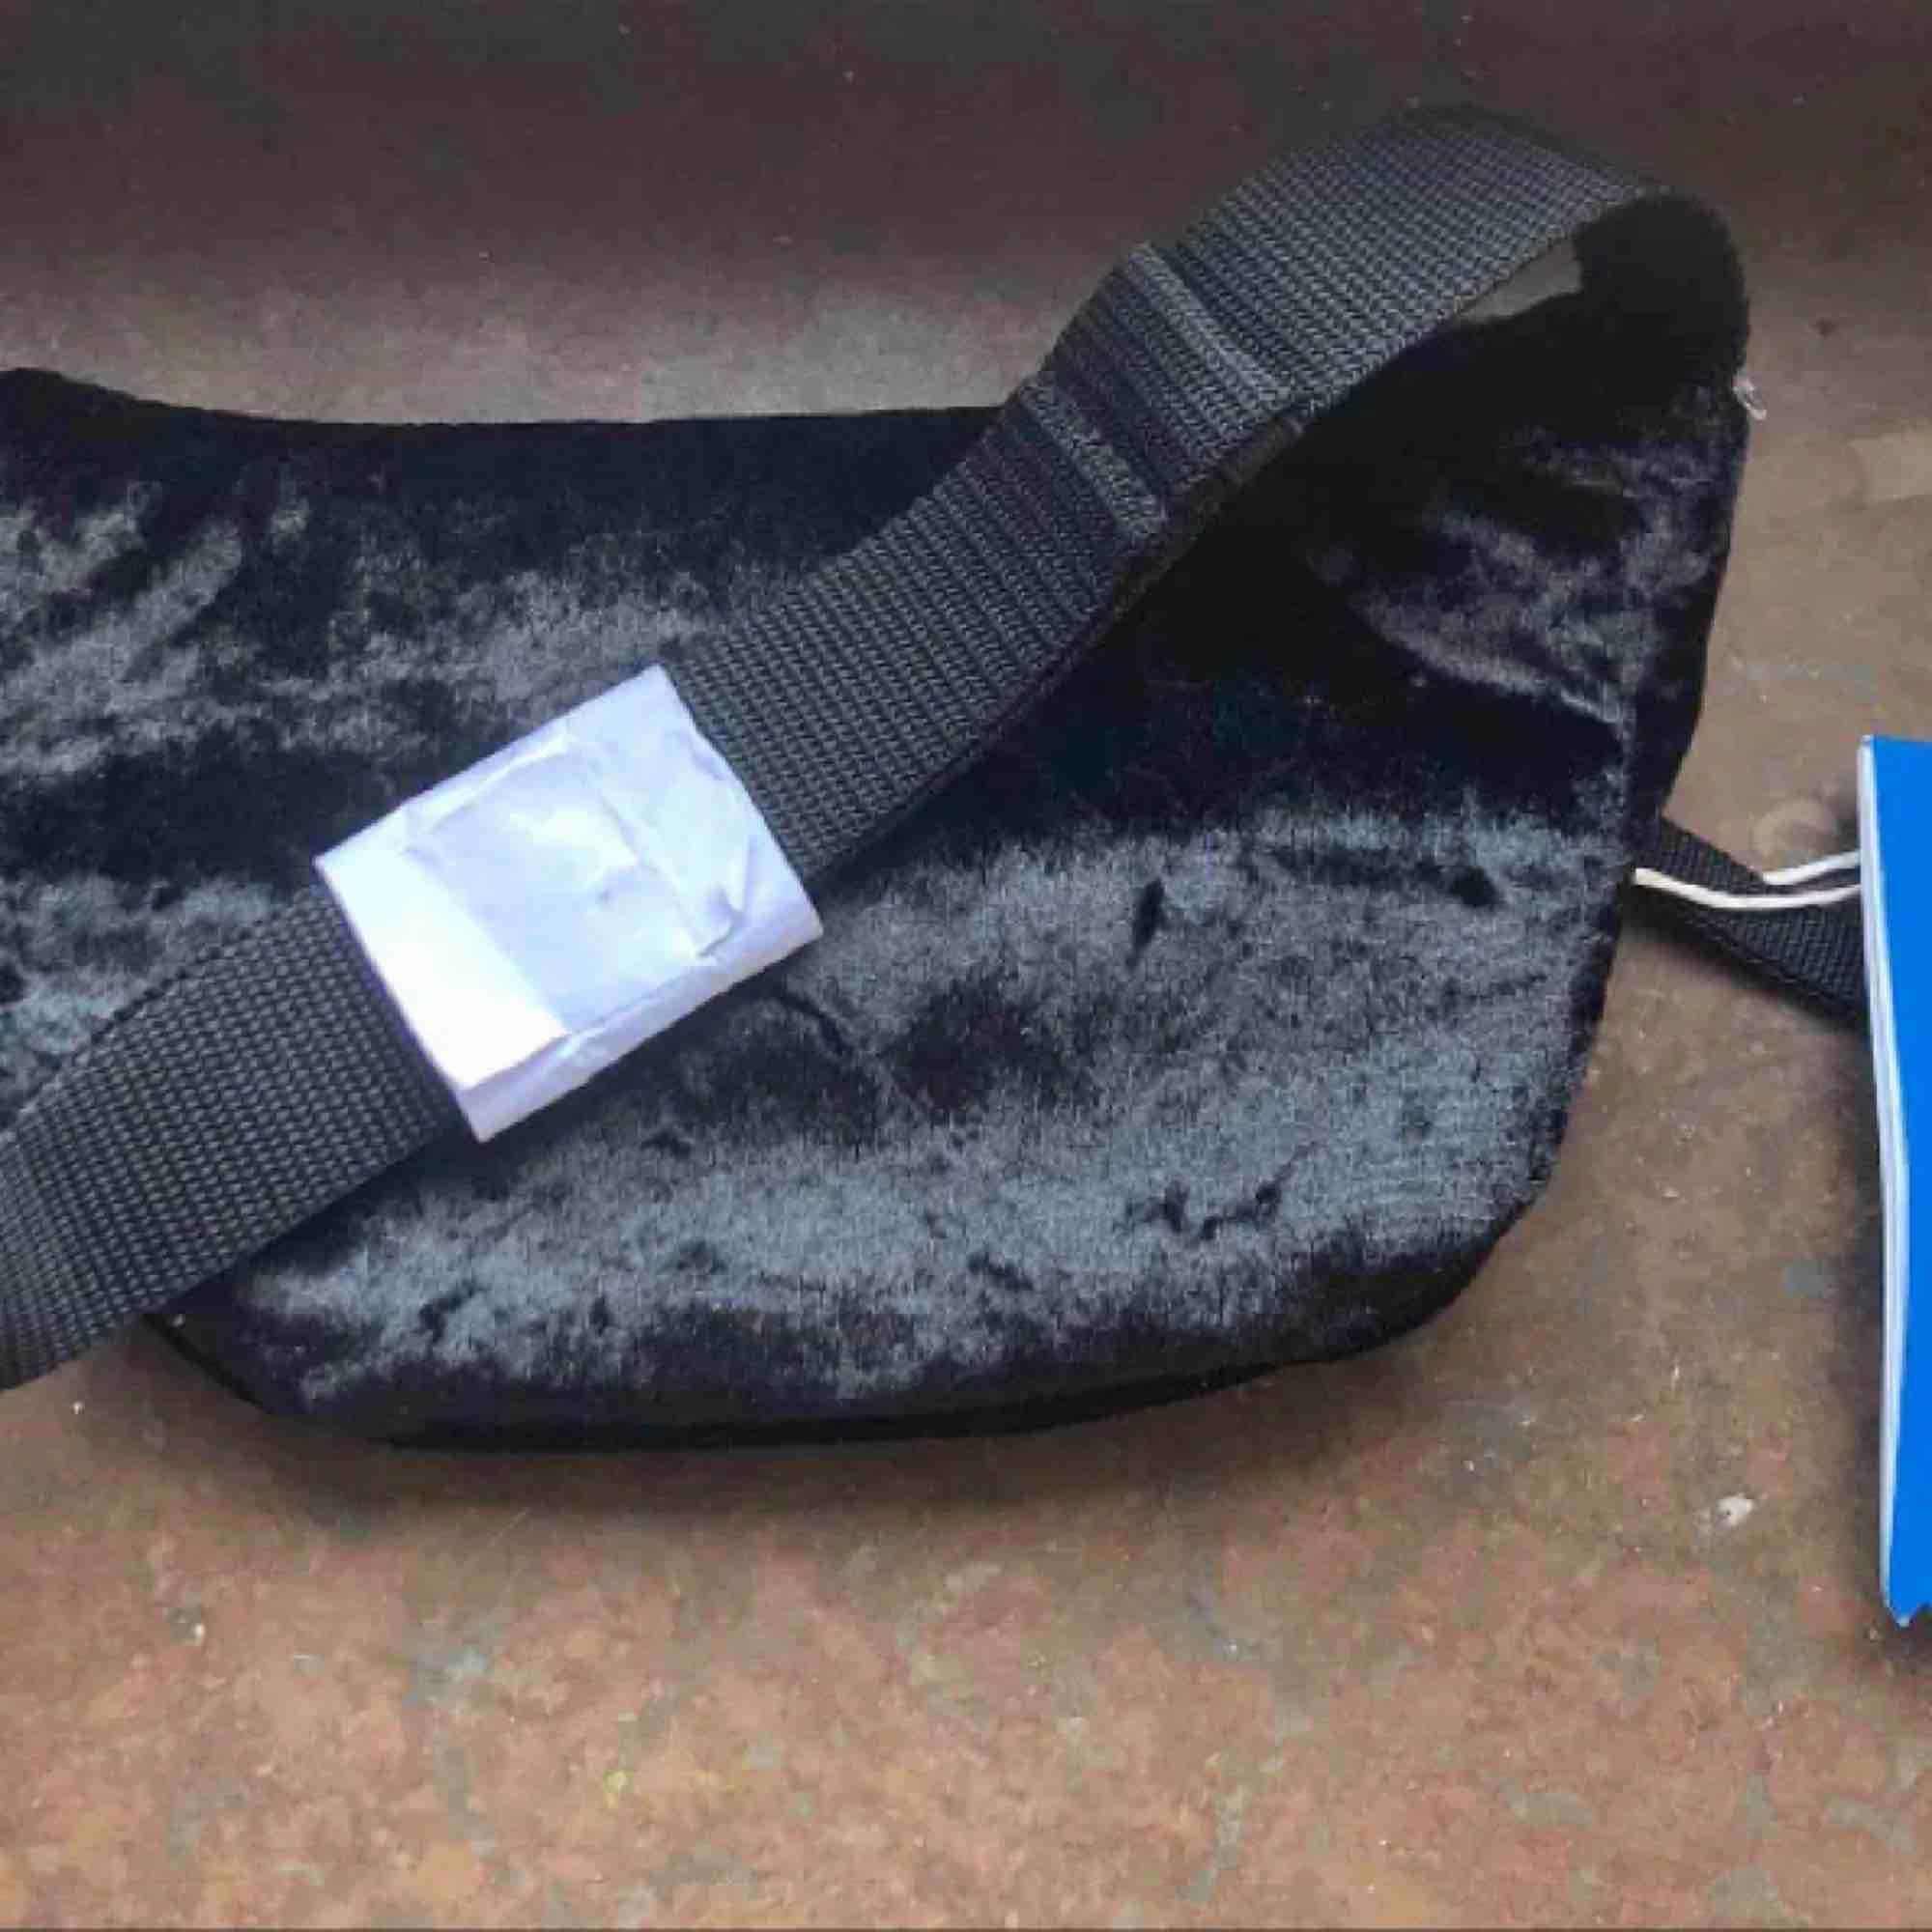 En fannypack/magväska från Adidas. Helt ny med tags! Finnes på Södermalm, Stockholm. Kan postas men då står Du för frakten, (42kr). Mvh Marija . Väskor.